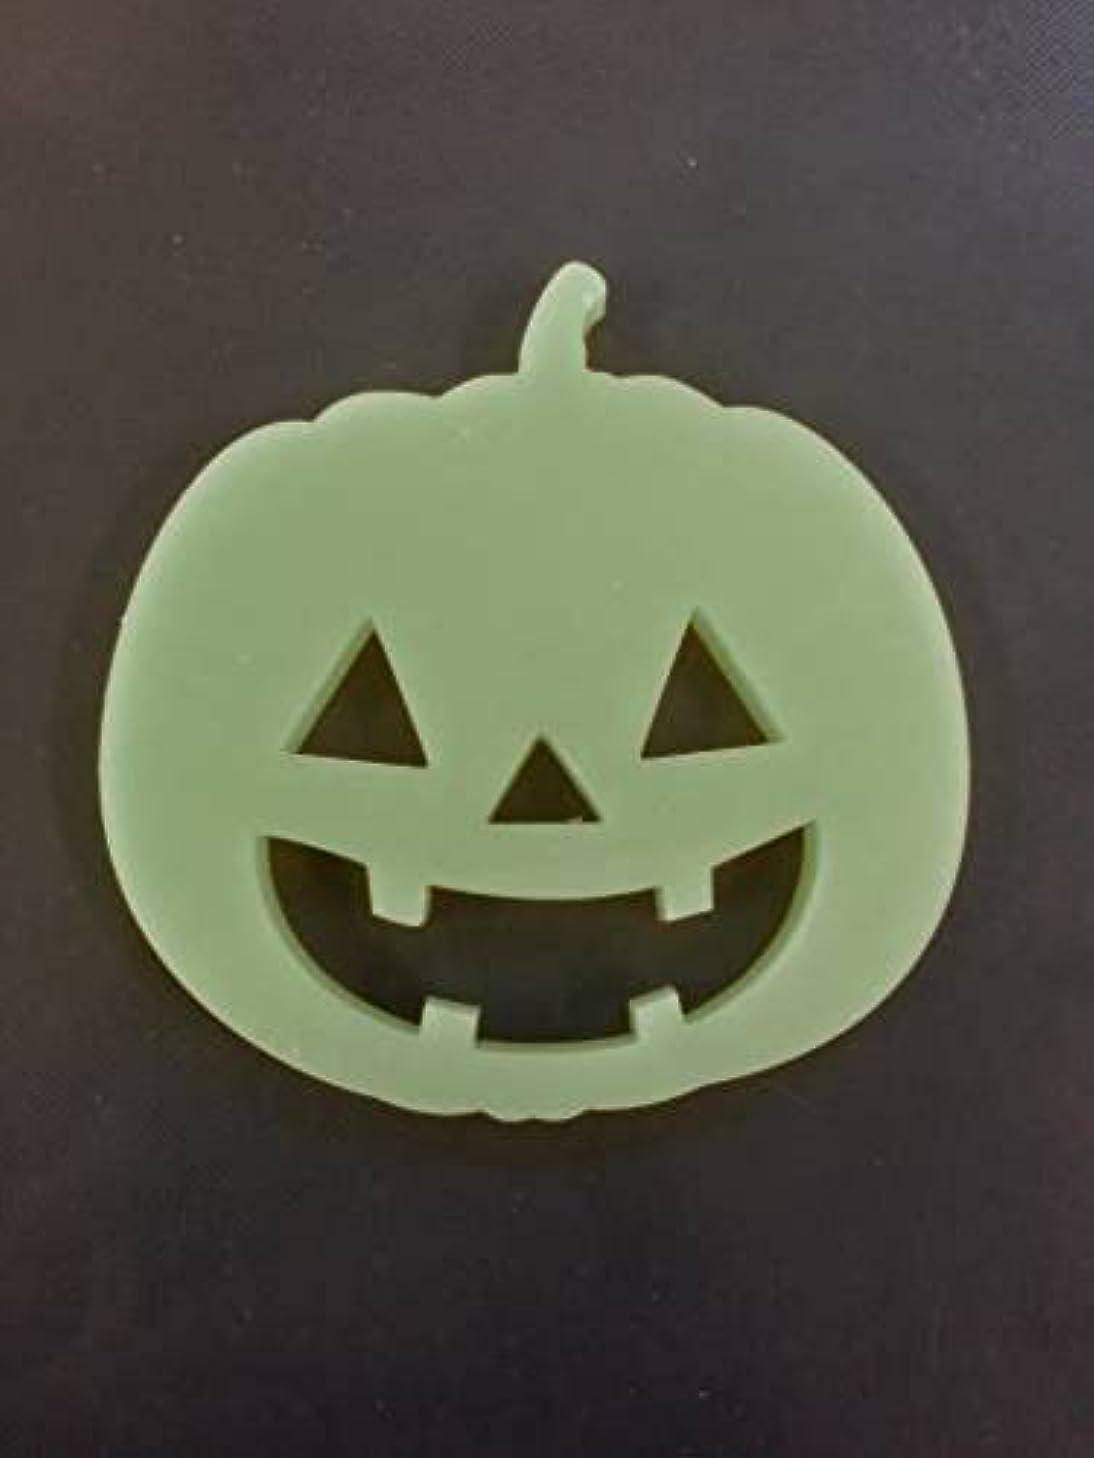 避難インデックス絶滅したGRASSE TOKYO AROMATICWAXチャーム「ハロウィンかぼちゃ」(GR) レモングラス アロマティックワックス グラーストウキョウ